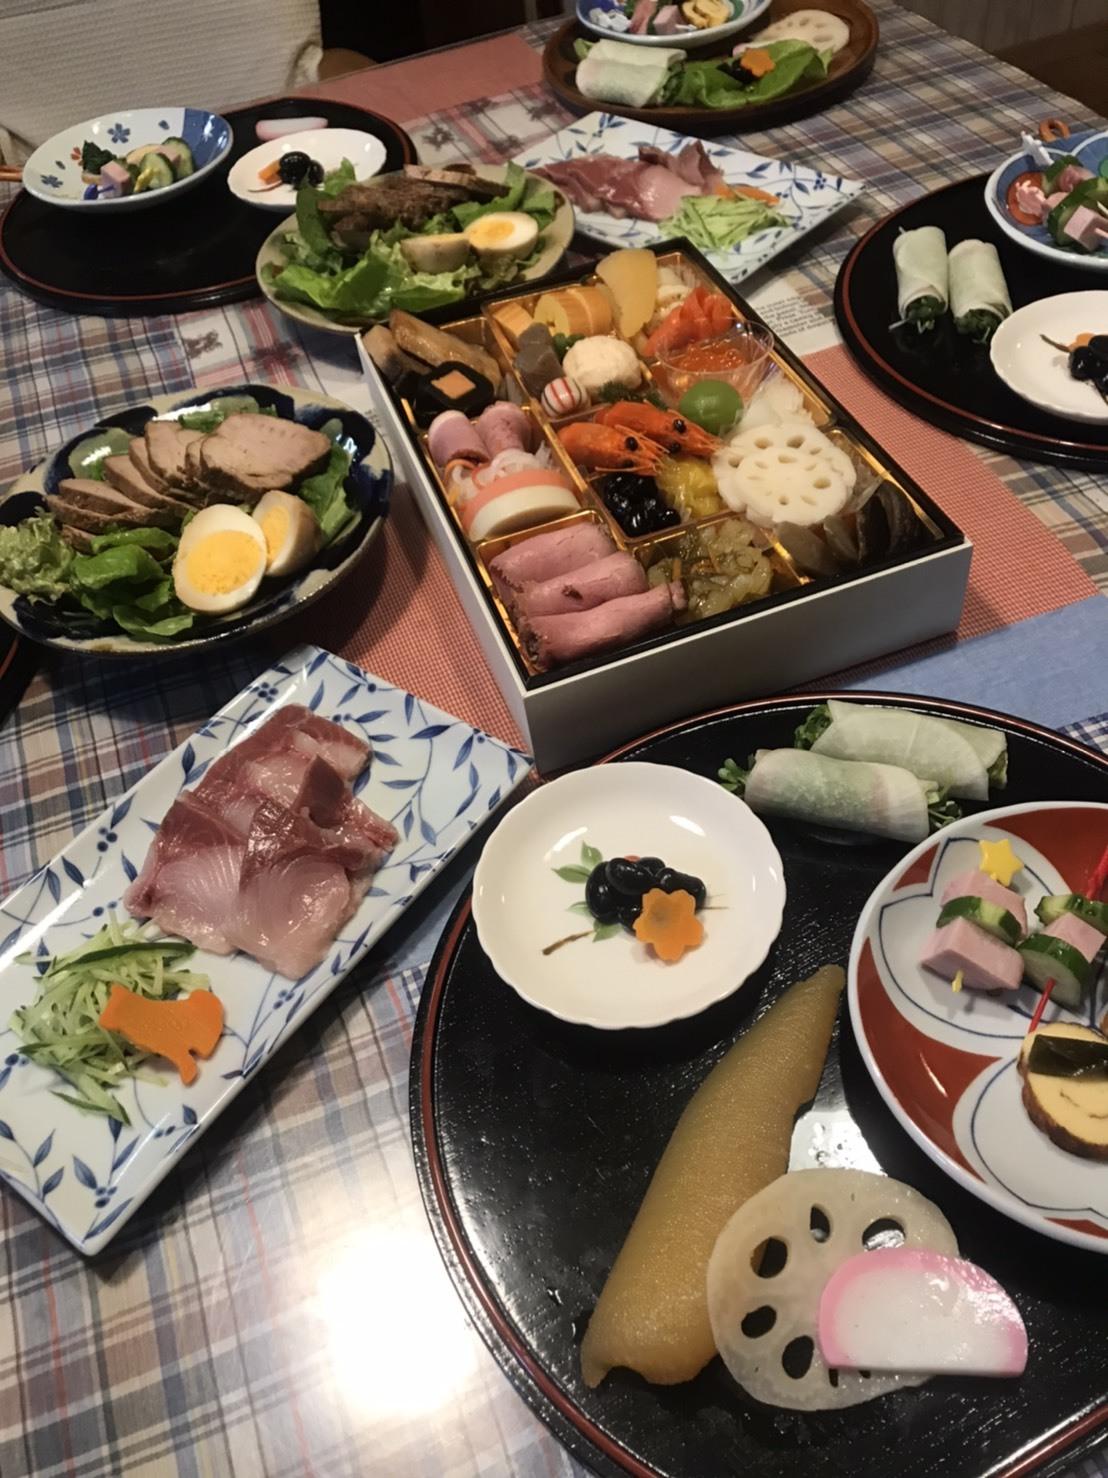 文君家族と一緒の年始の食事会(´∀`*)ウフフ🎵_c0216472_14374338.jpg